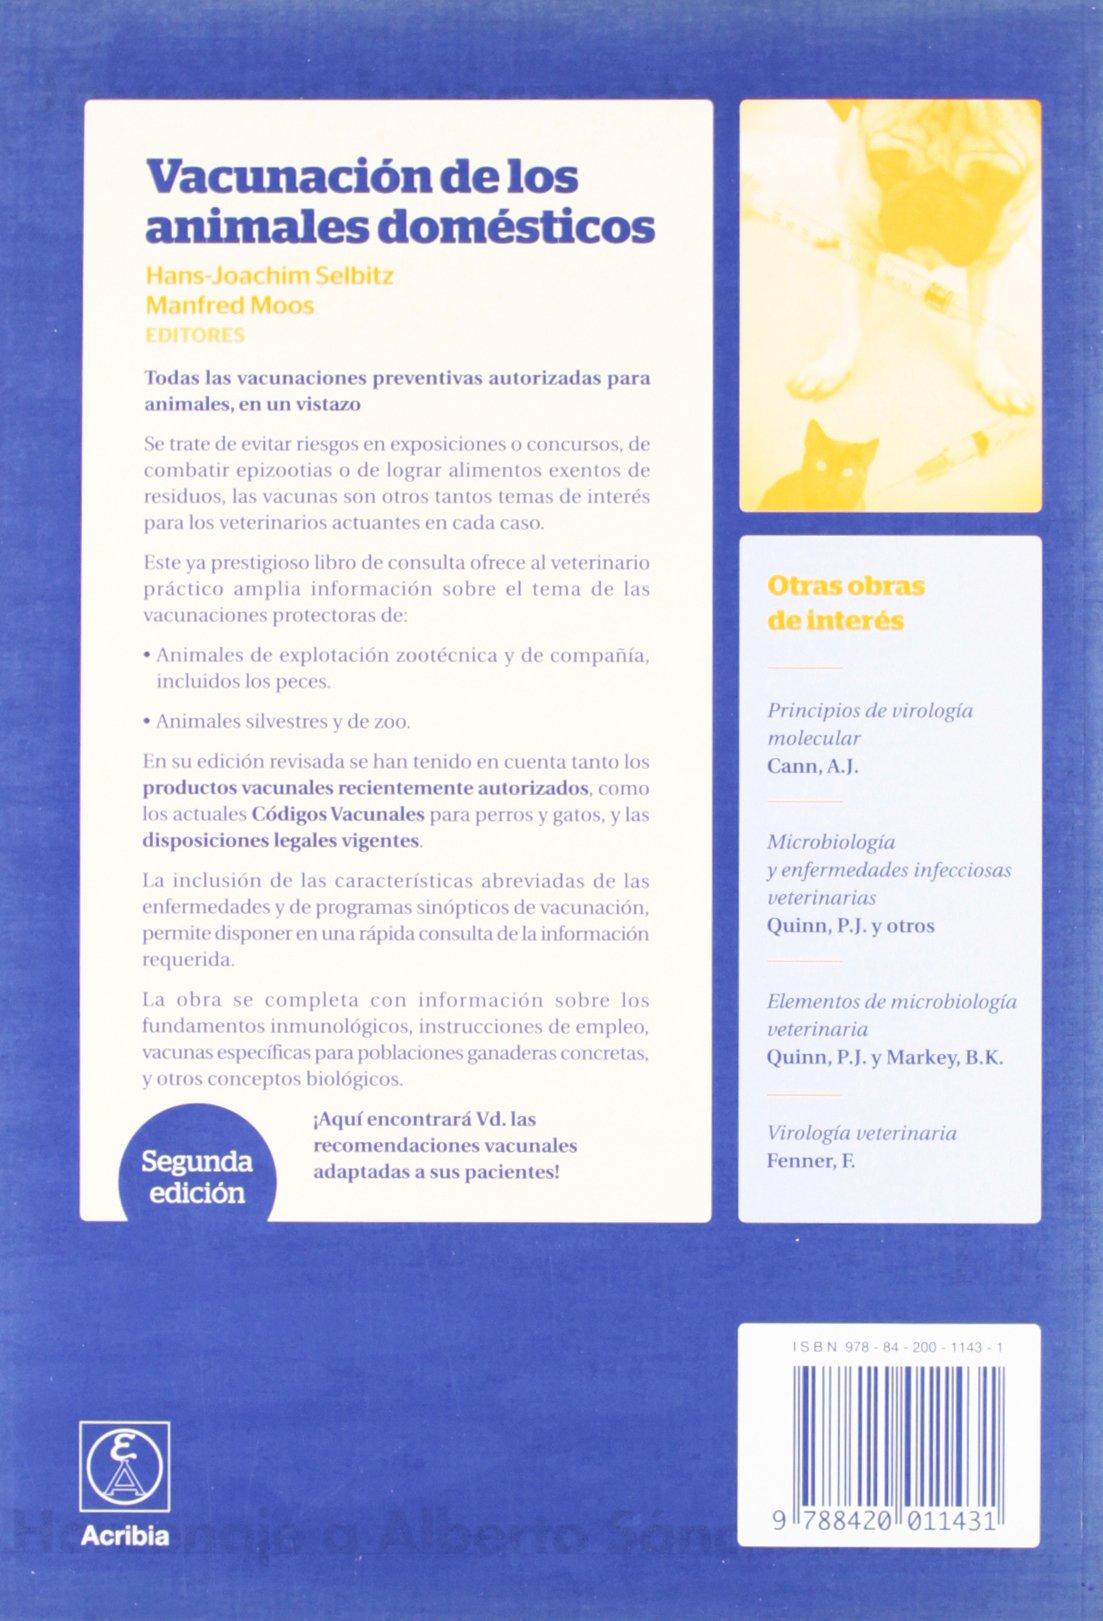 Vacunación de los animales domésticos: Manfred Moos, Hans-Joachm Selbitz: 9788420011431: Amazon.com: Books